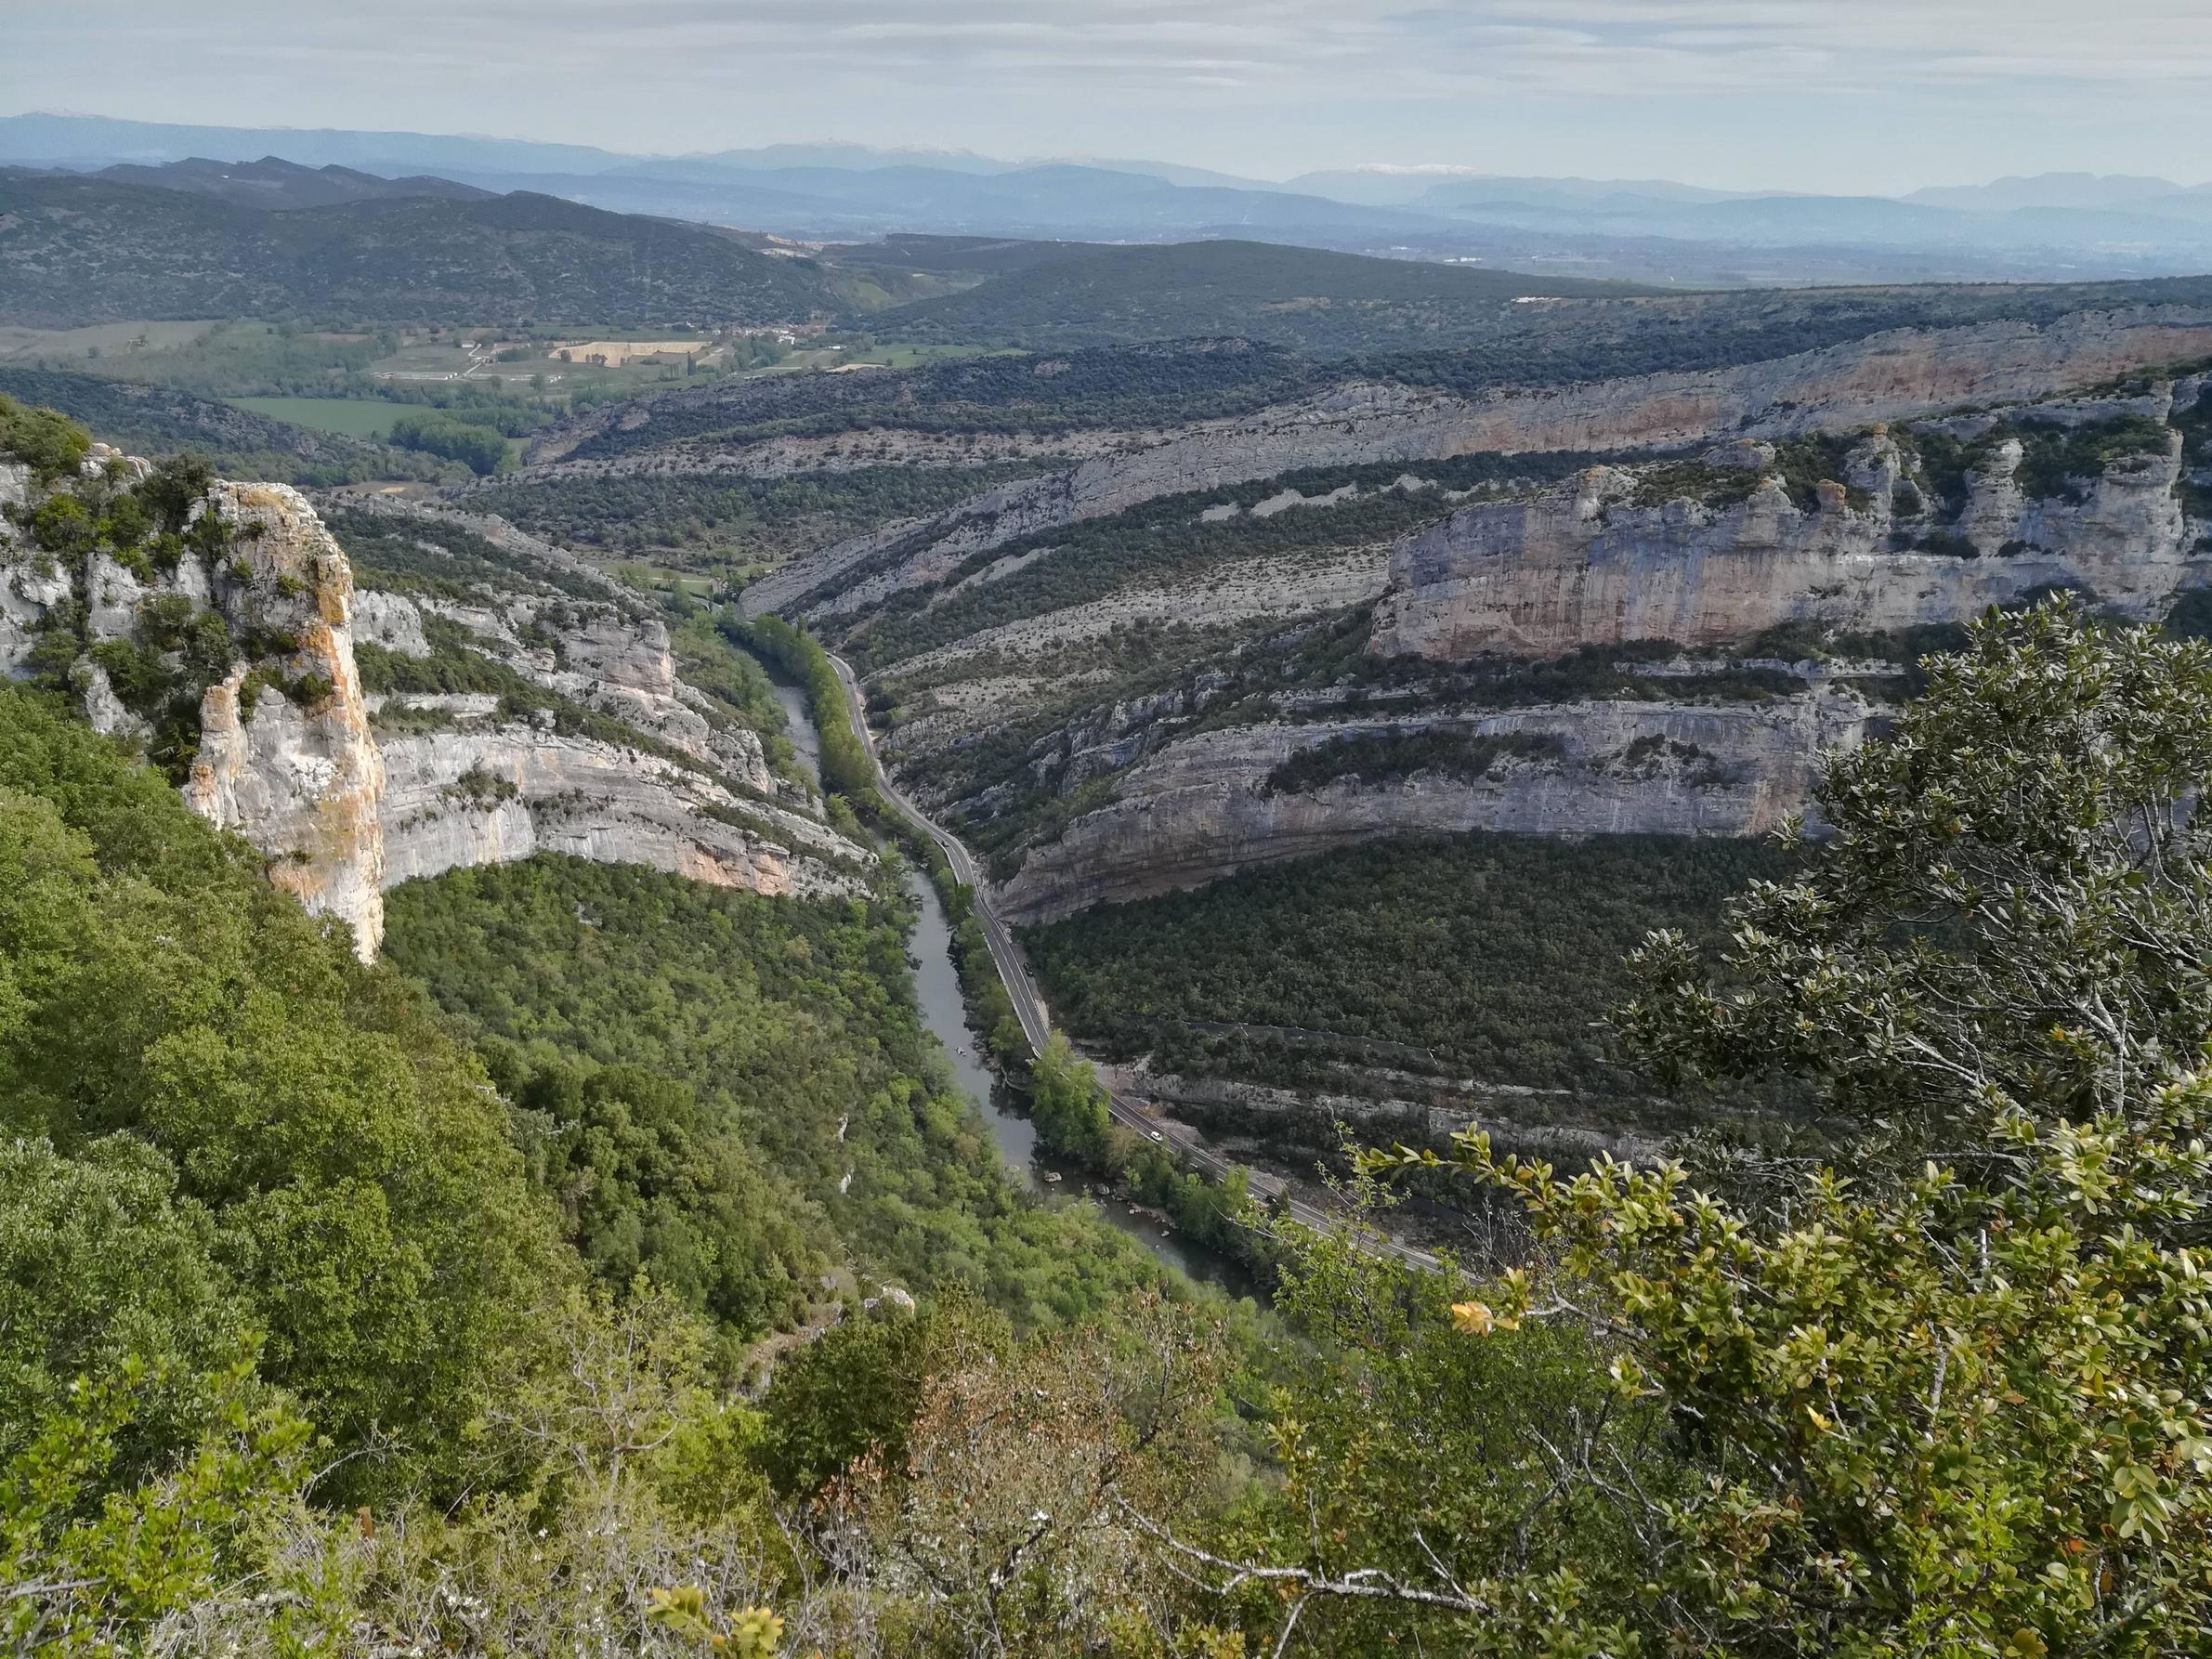 De omgeving is hier weer schitterend (Foto: Panoramio)